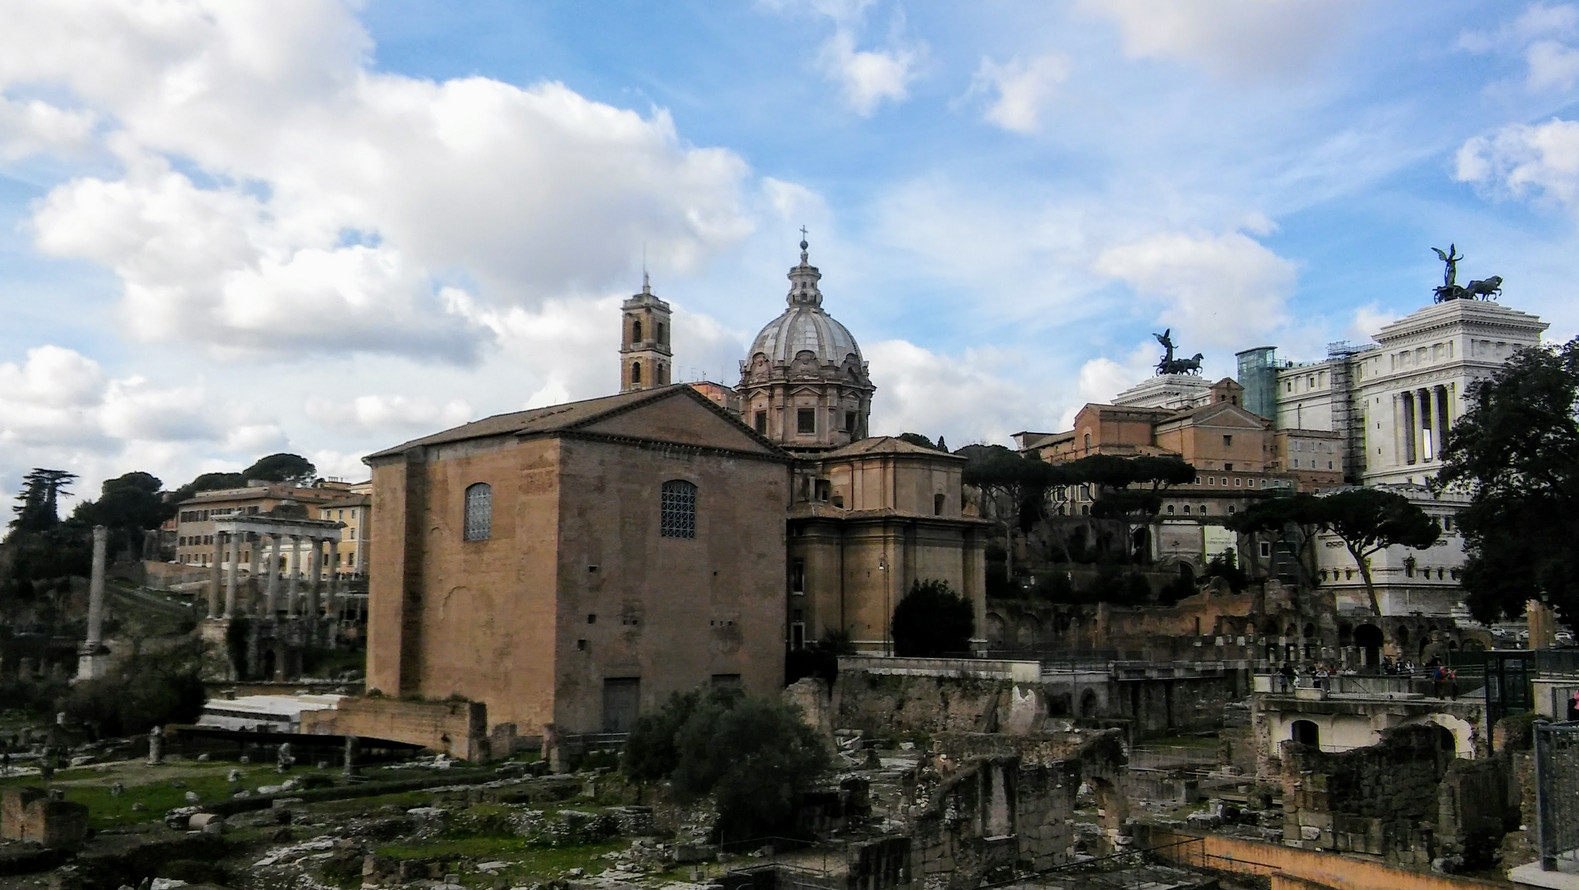 Rzym - Forum Romanum i Palatyn 1